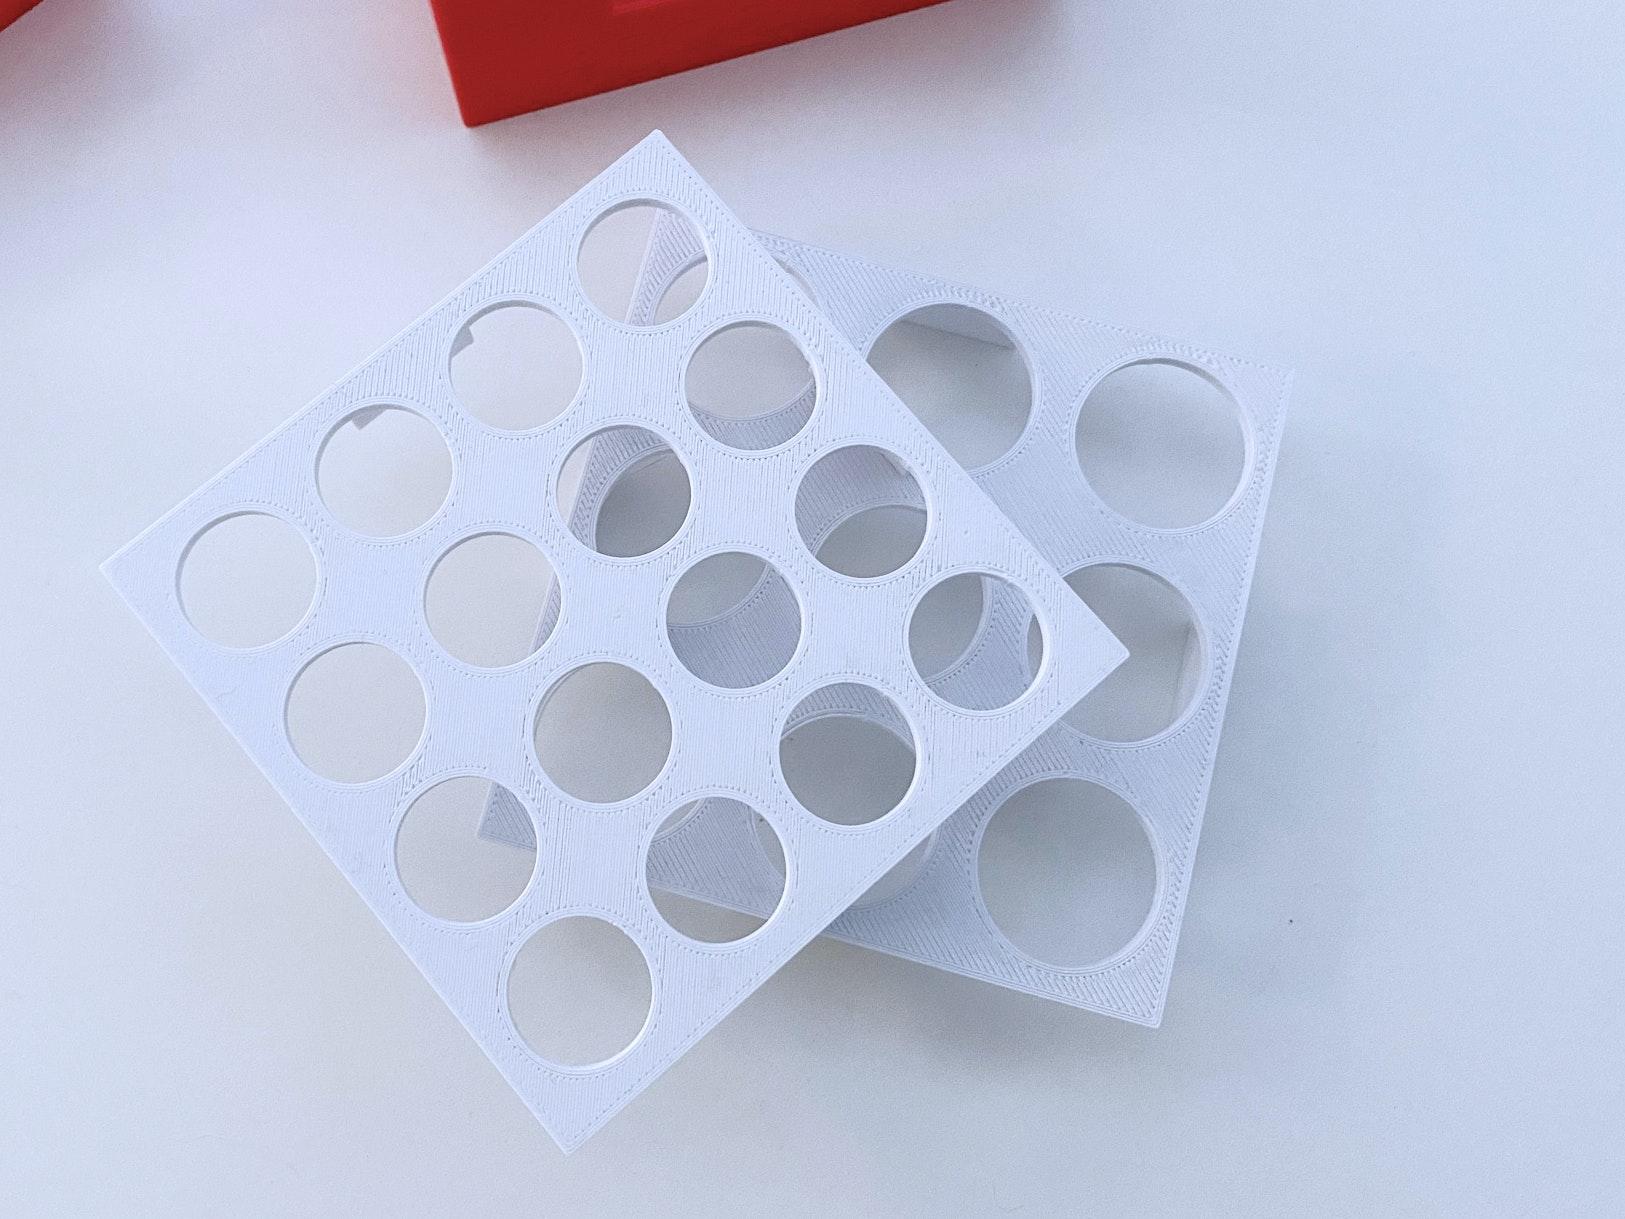 Impfstoff Transportbox (3D-Druck) - Verschiedene Einleger von Knapp Smart Solutions Apostore